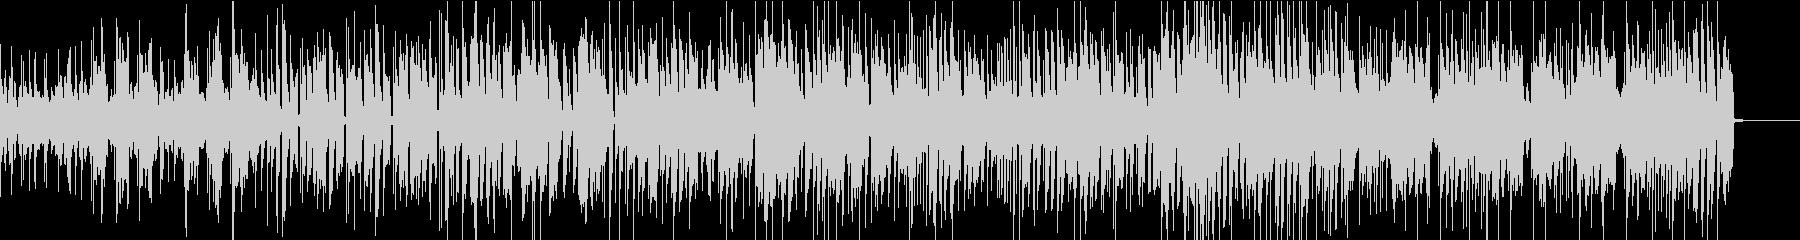 オルガンとピアノが交錯するポップなジャズの未再生の波形